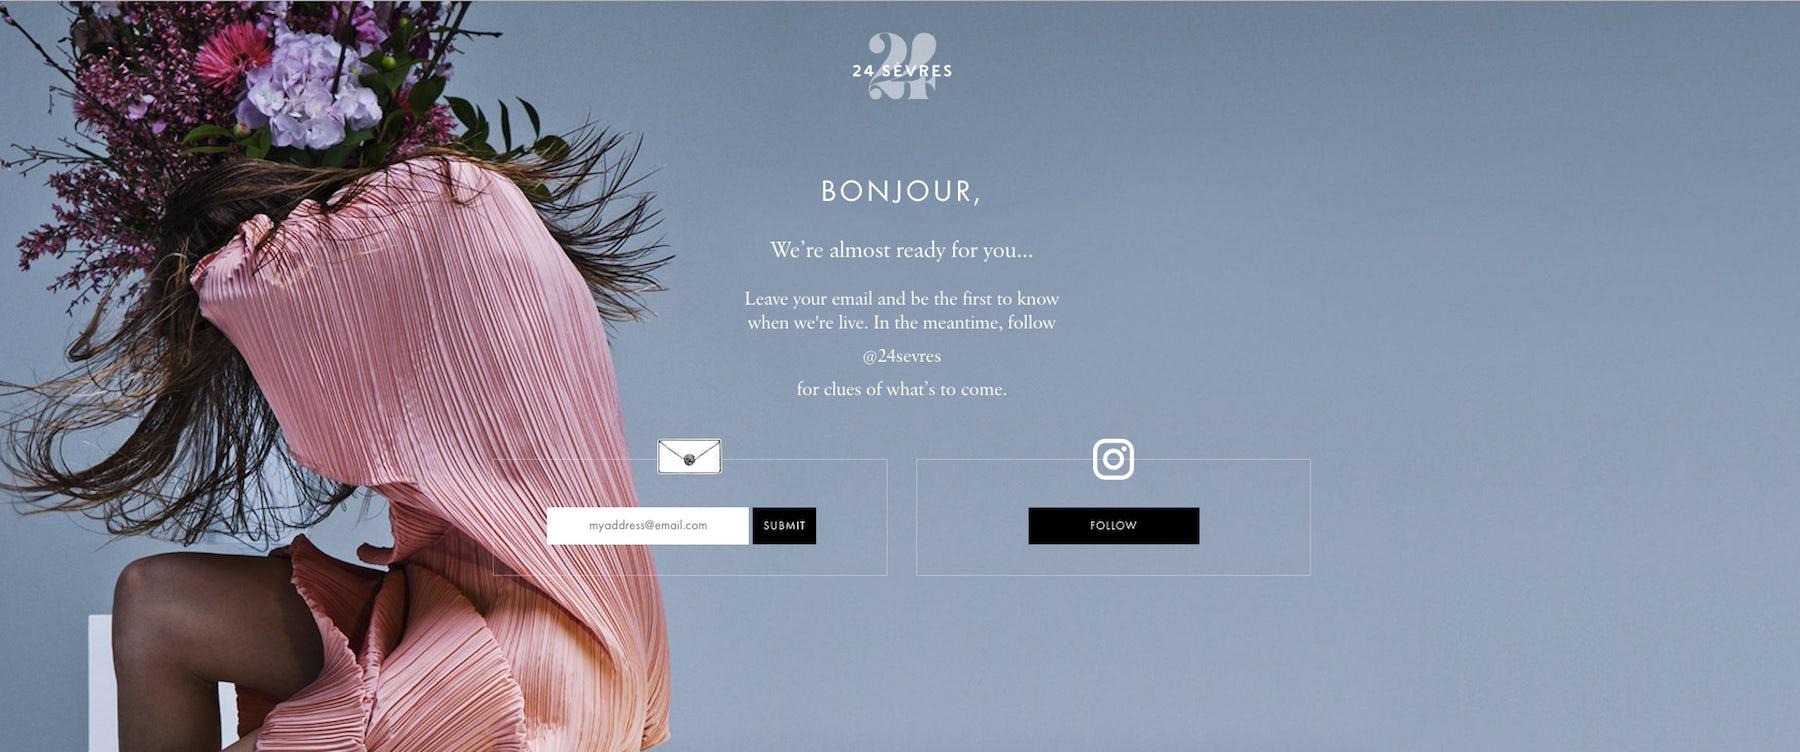 LVMH's new e-commerce site 24 Sevres